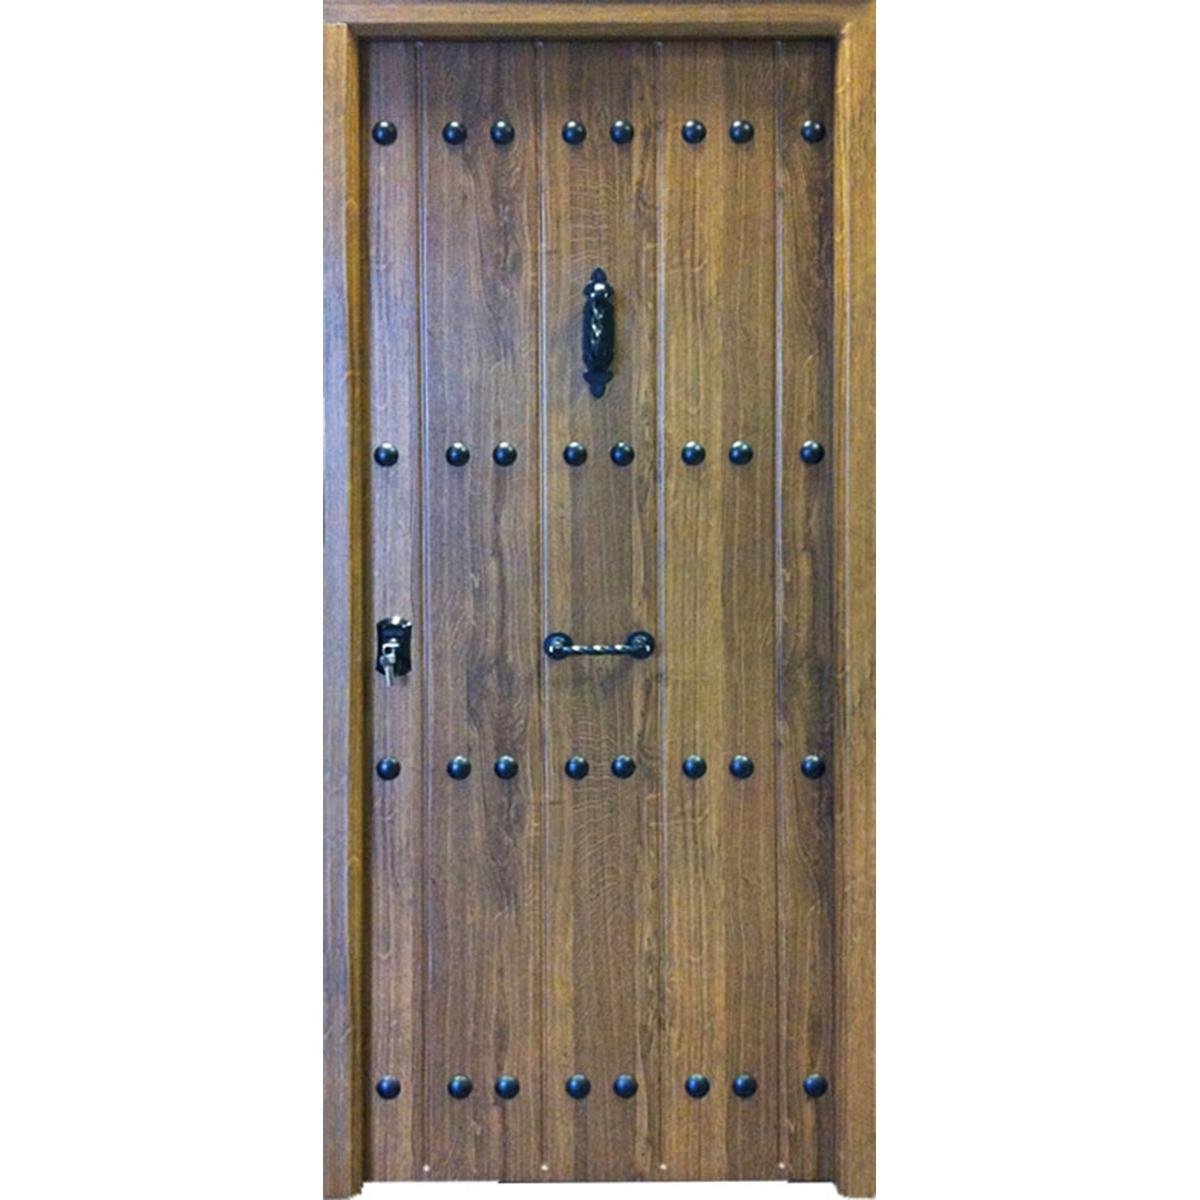 Puerta acorazada Triana - Puertas acorazadas Serie B4-BL - Marca Cearco